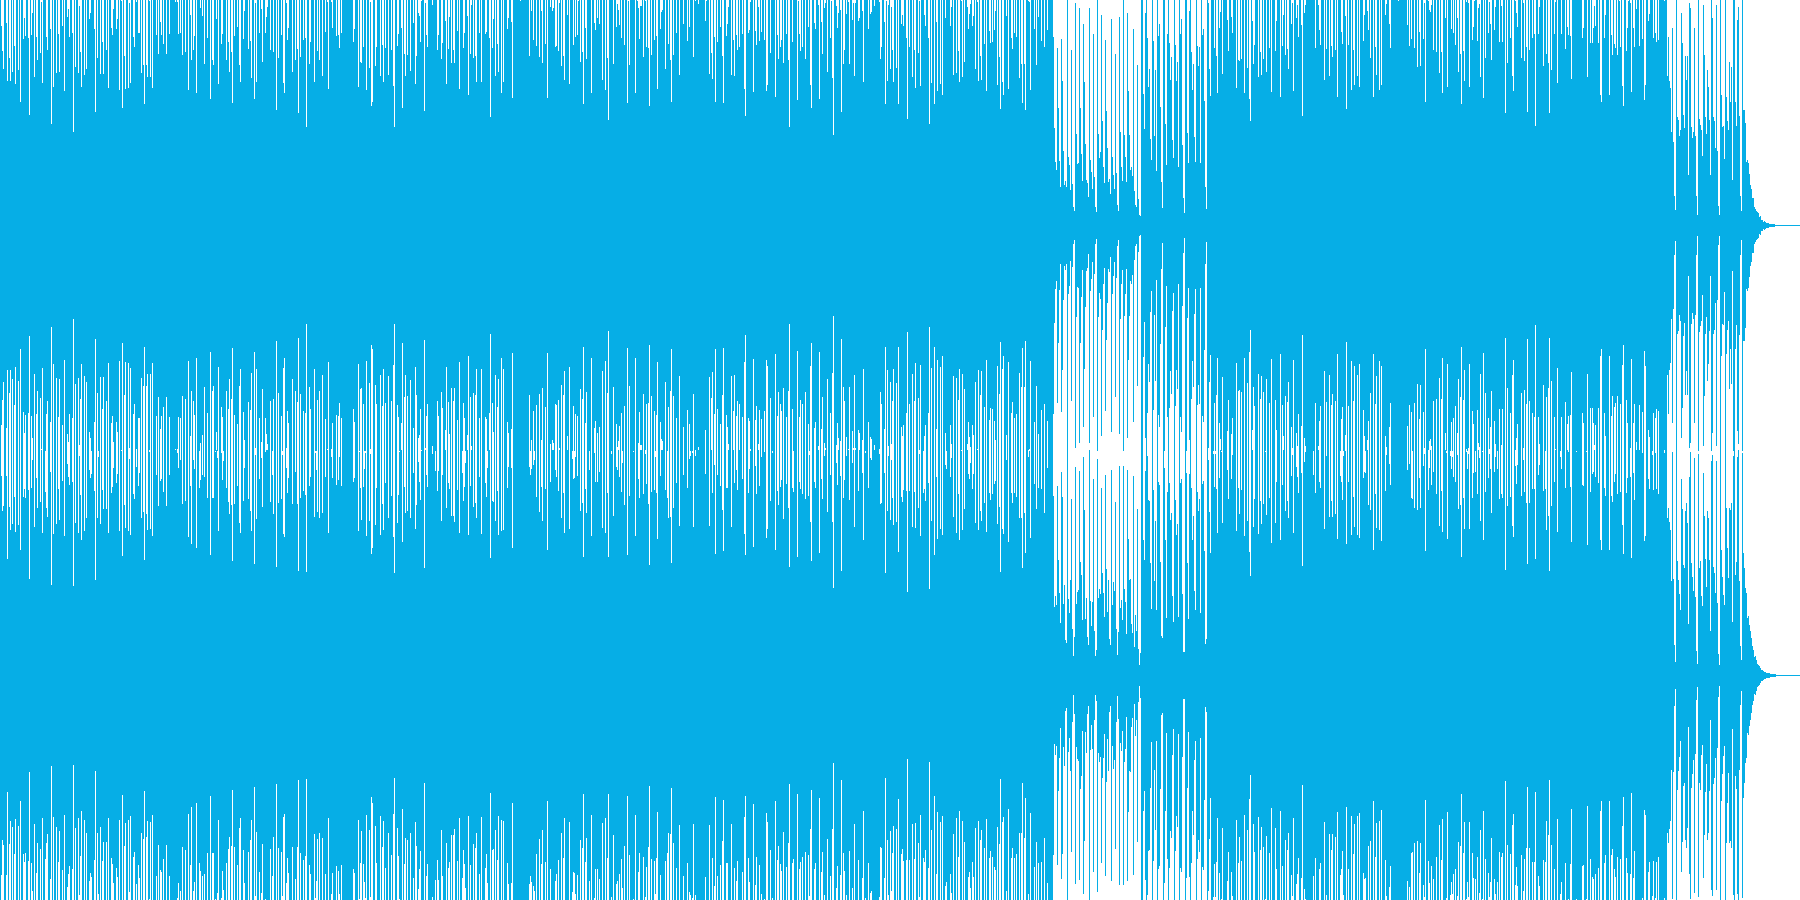 ダンステクノ風な楽曲です。の再生済みの波形